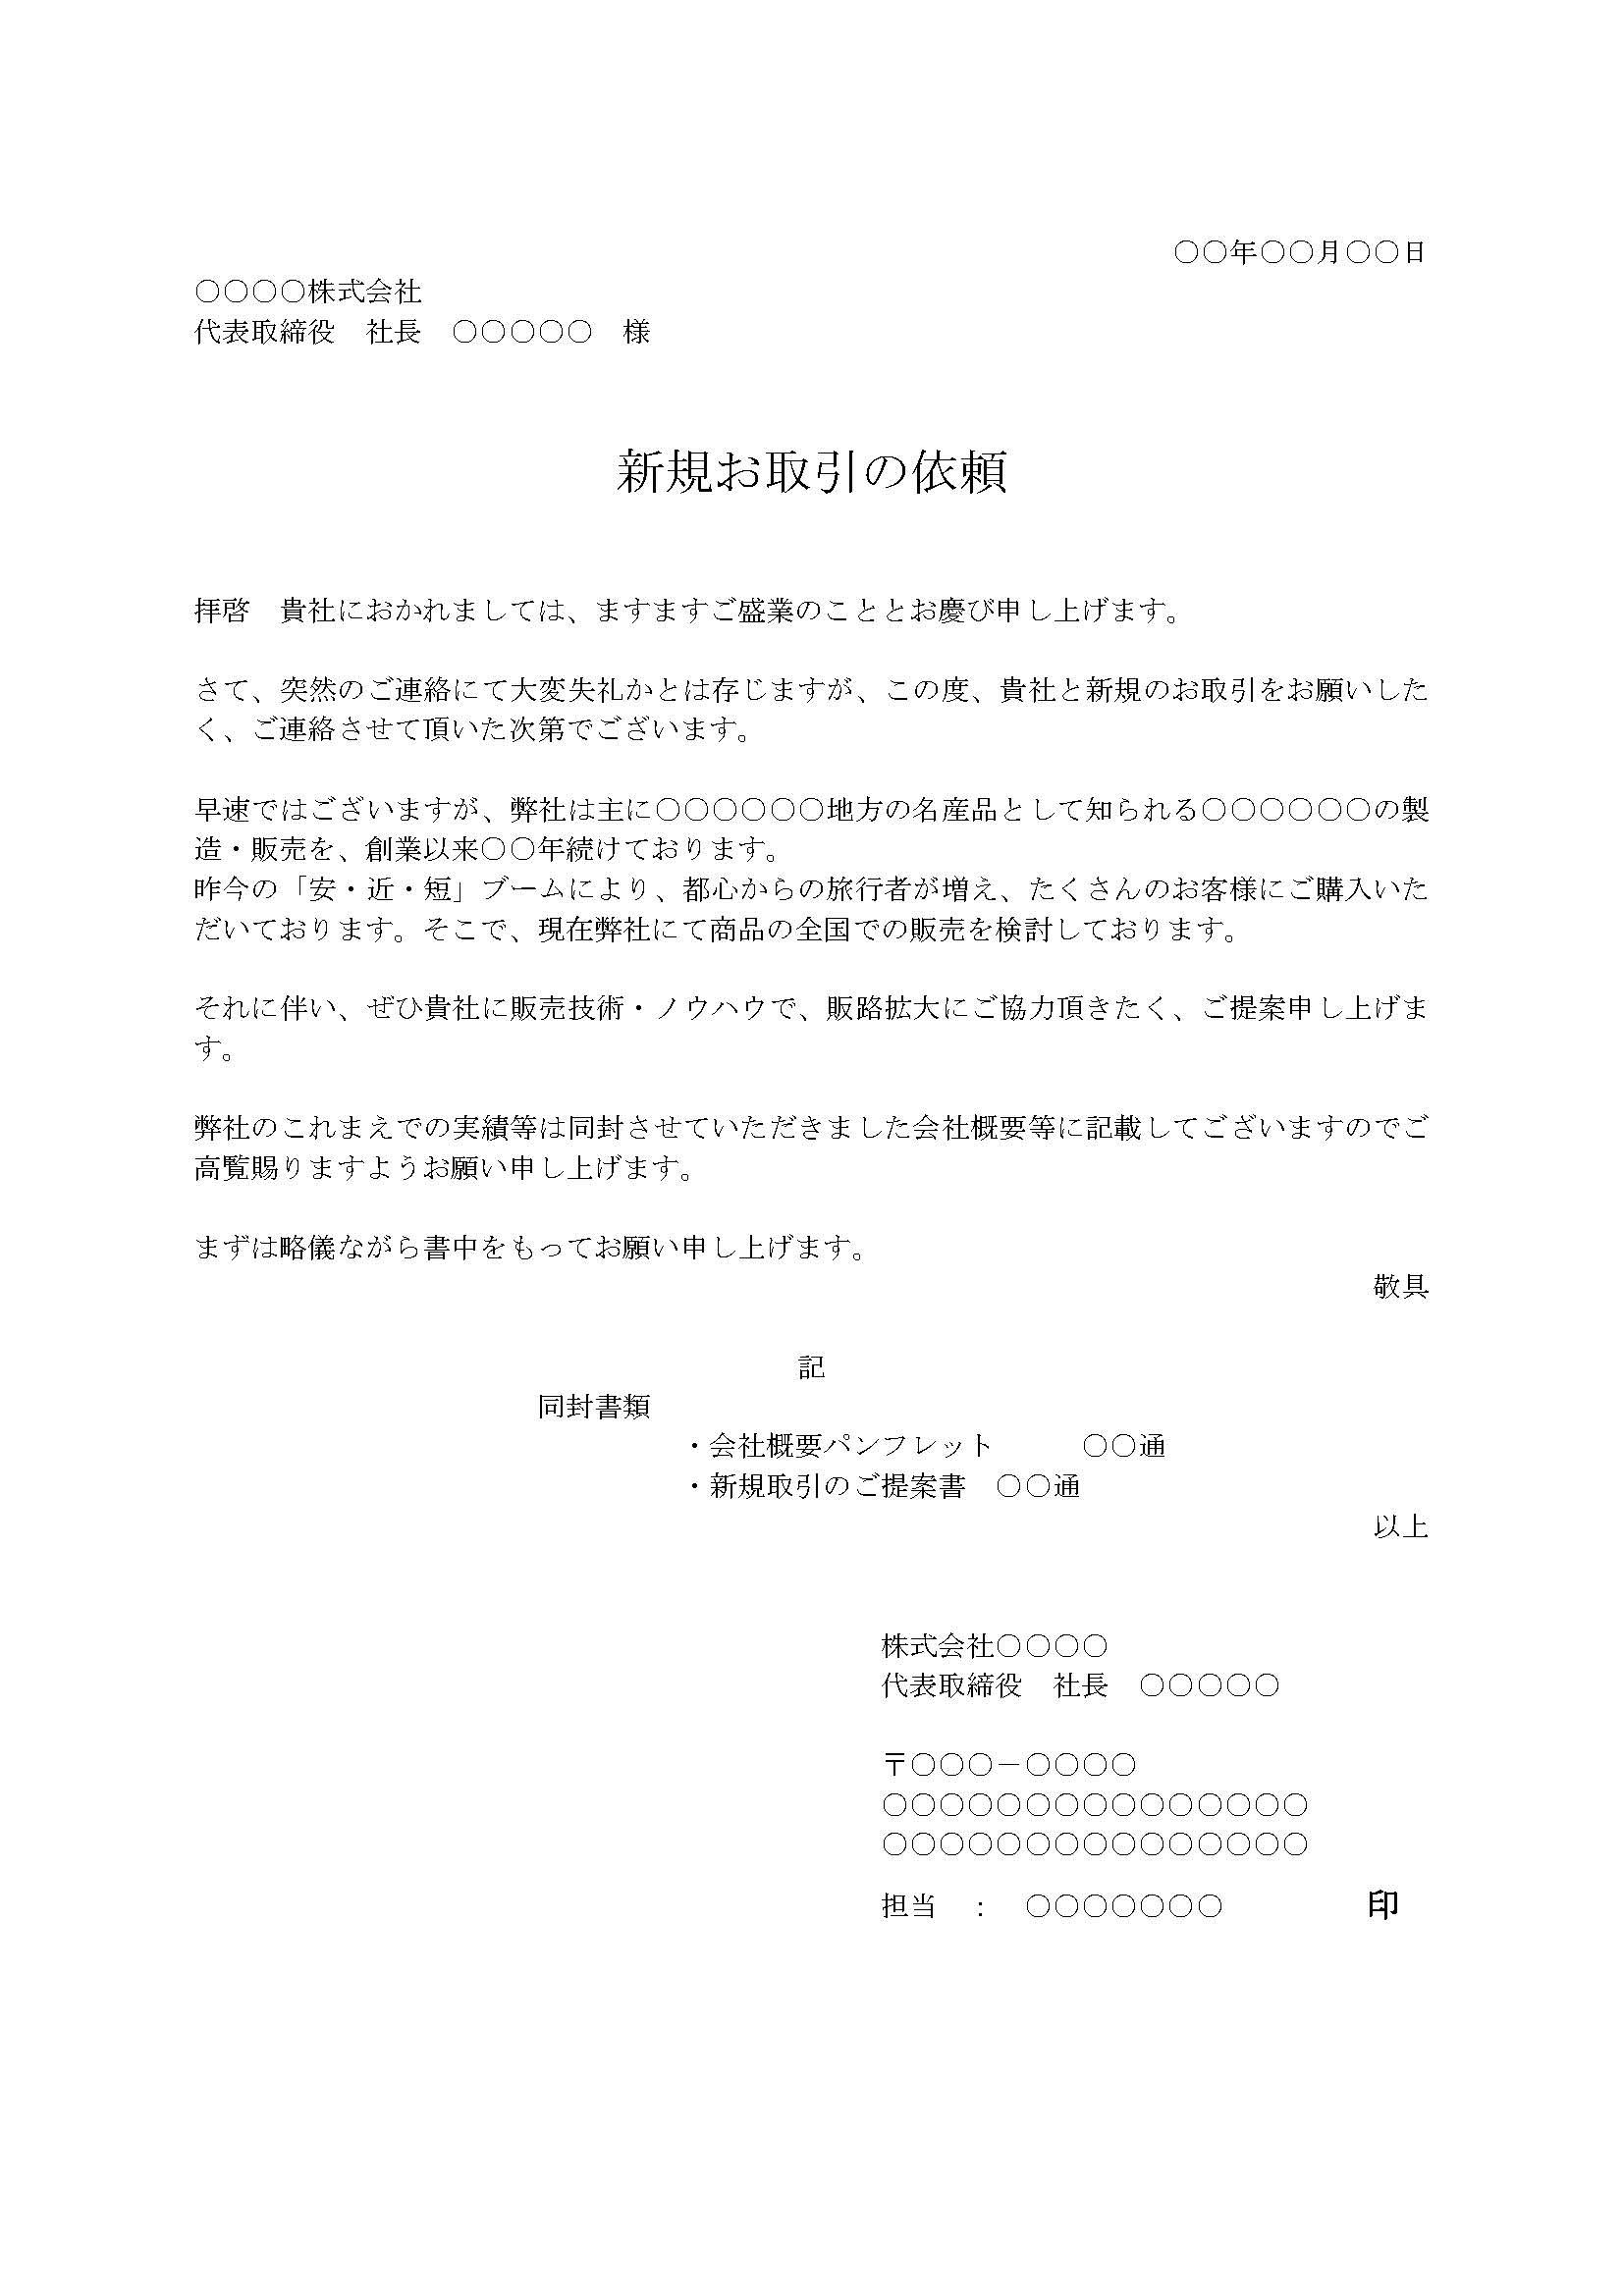 依頼状(新規取引依頼)07